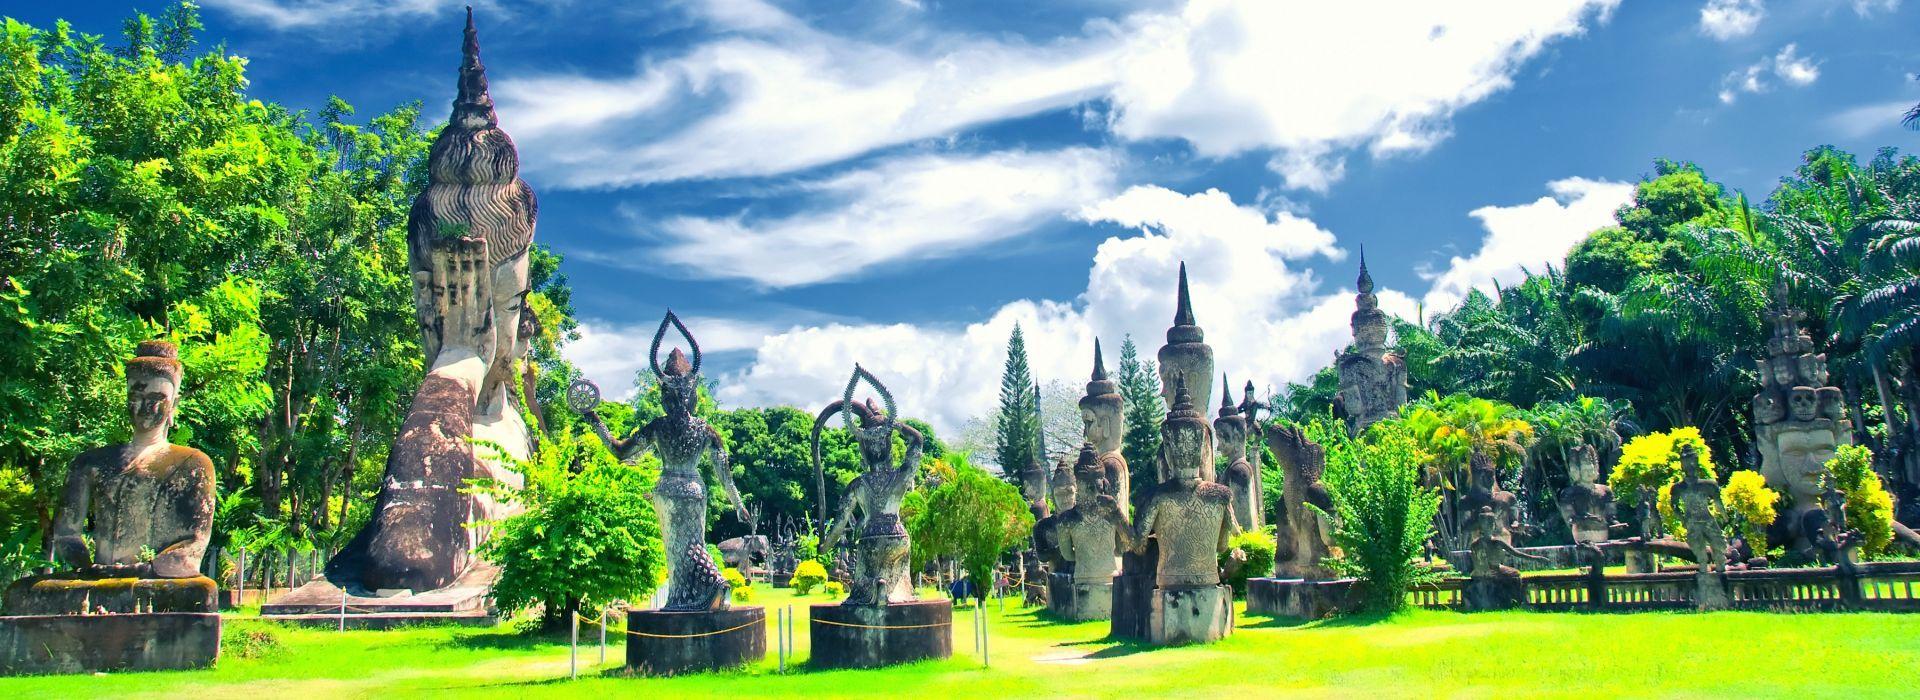 Natural landmarks sightseeing Tours in Luang Prabang